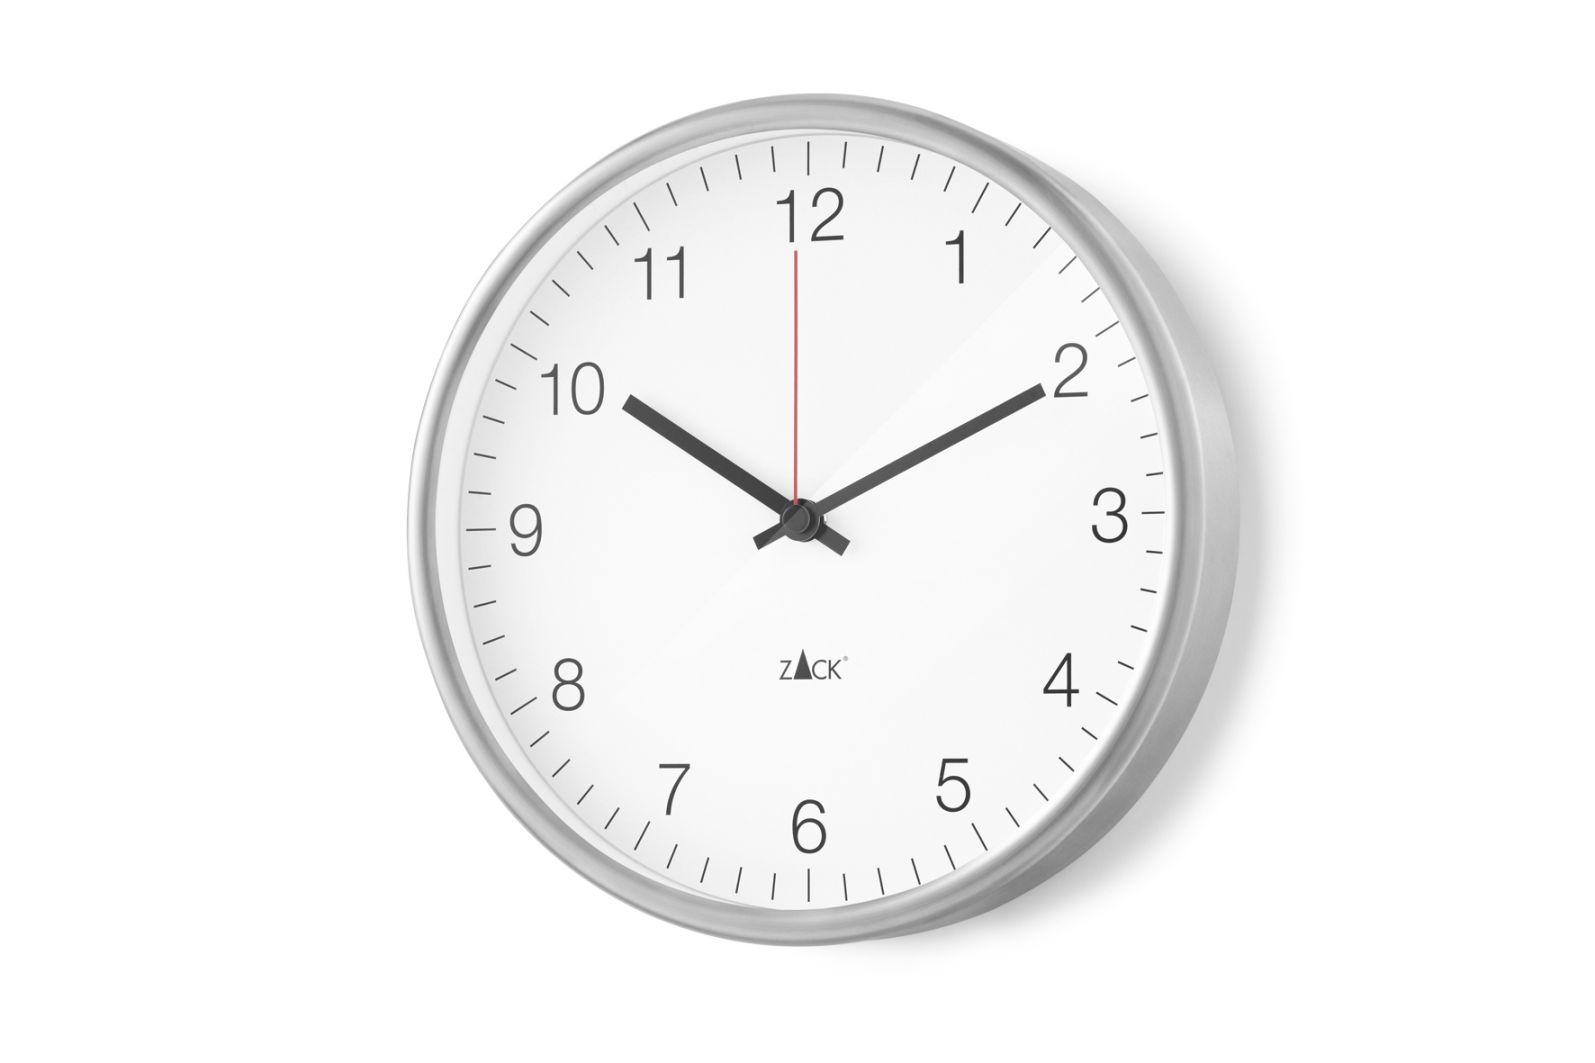 Nástěnné hodiny PALLA, 24 cm bílé - ZACK